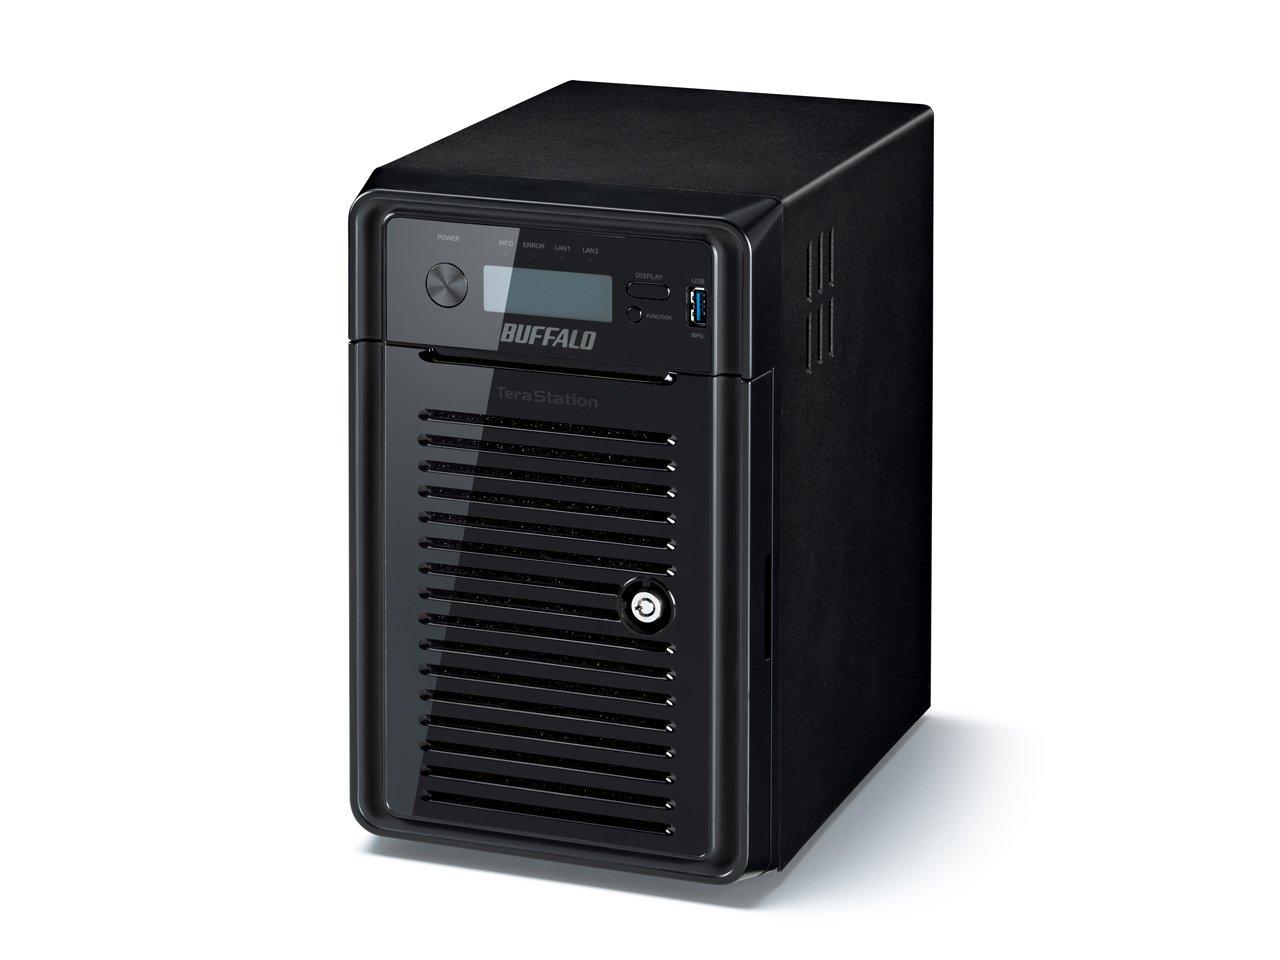 Buffalo TeraStation WS5600 Ethernet Escritorio Negro NAS - Unidad Raid (24 TB, Unidad de Disco Duro, Unidad de Disco Duro, Serial ATA II, 4000 GB, 3.5